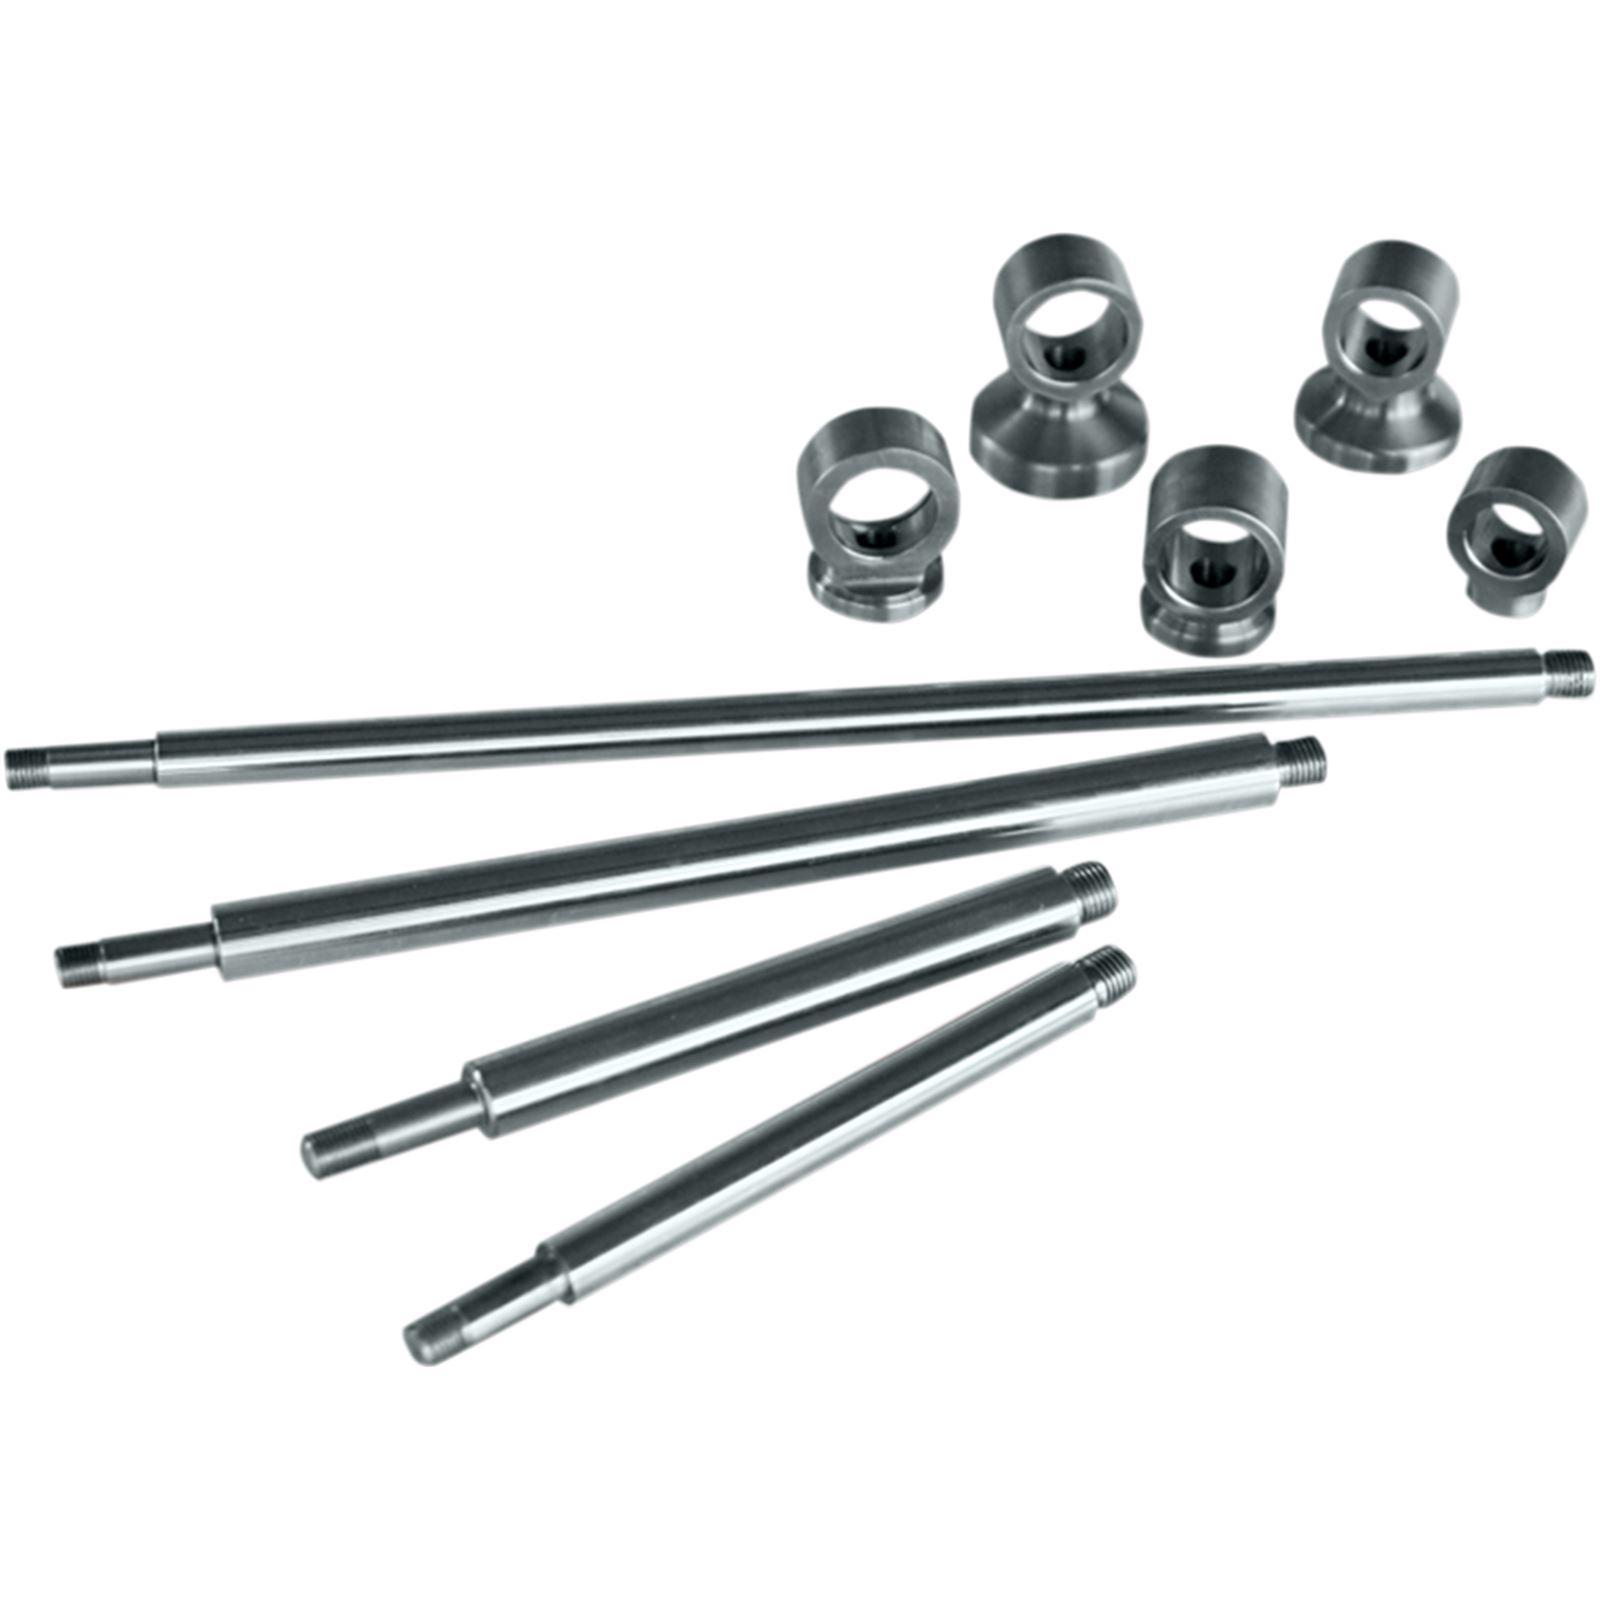 """Hygear Shock Shafts - Shaft Length 7.09"""" - Shaft Diameter 12.5 mm"""